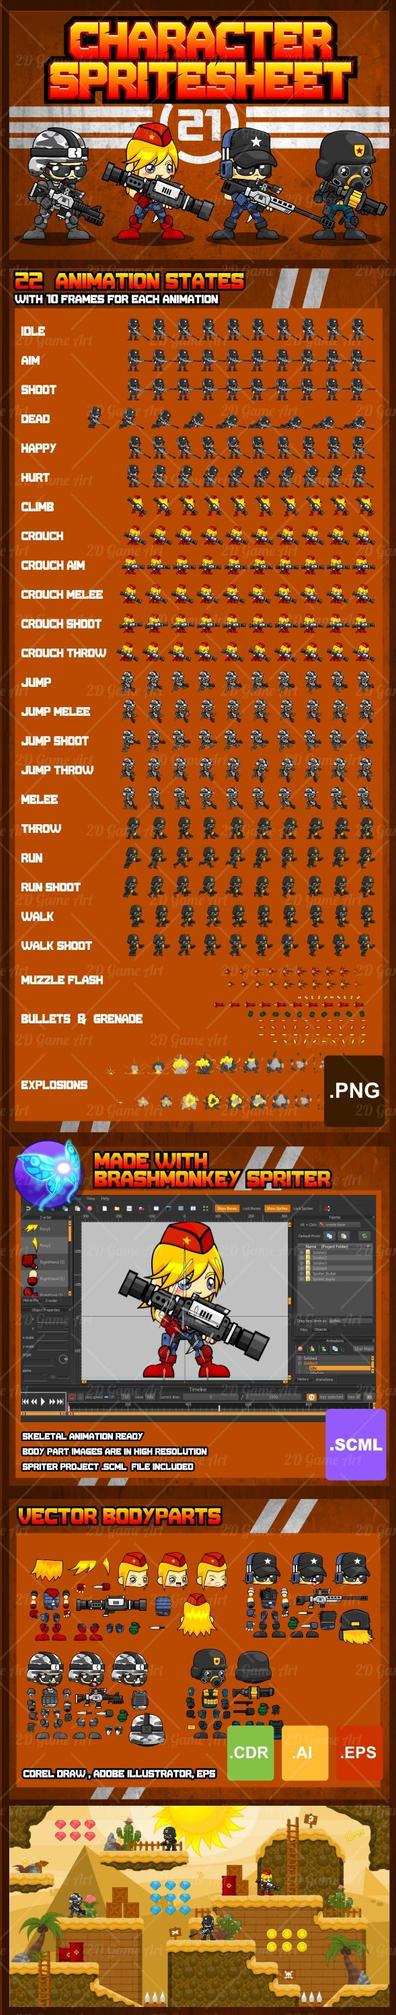 Advanced Soldier - Game Sprites by pzUH on DeviantArt